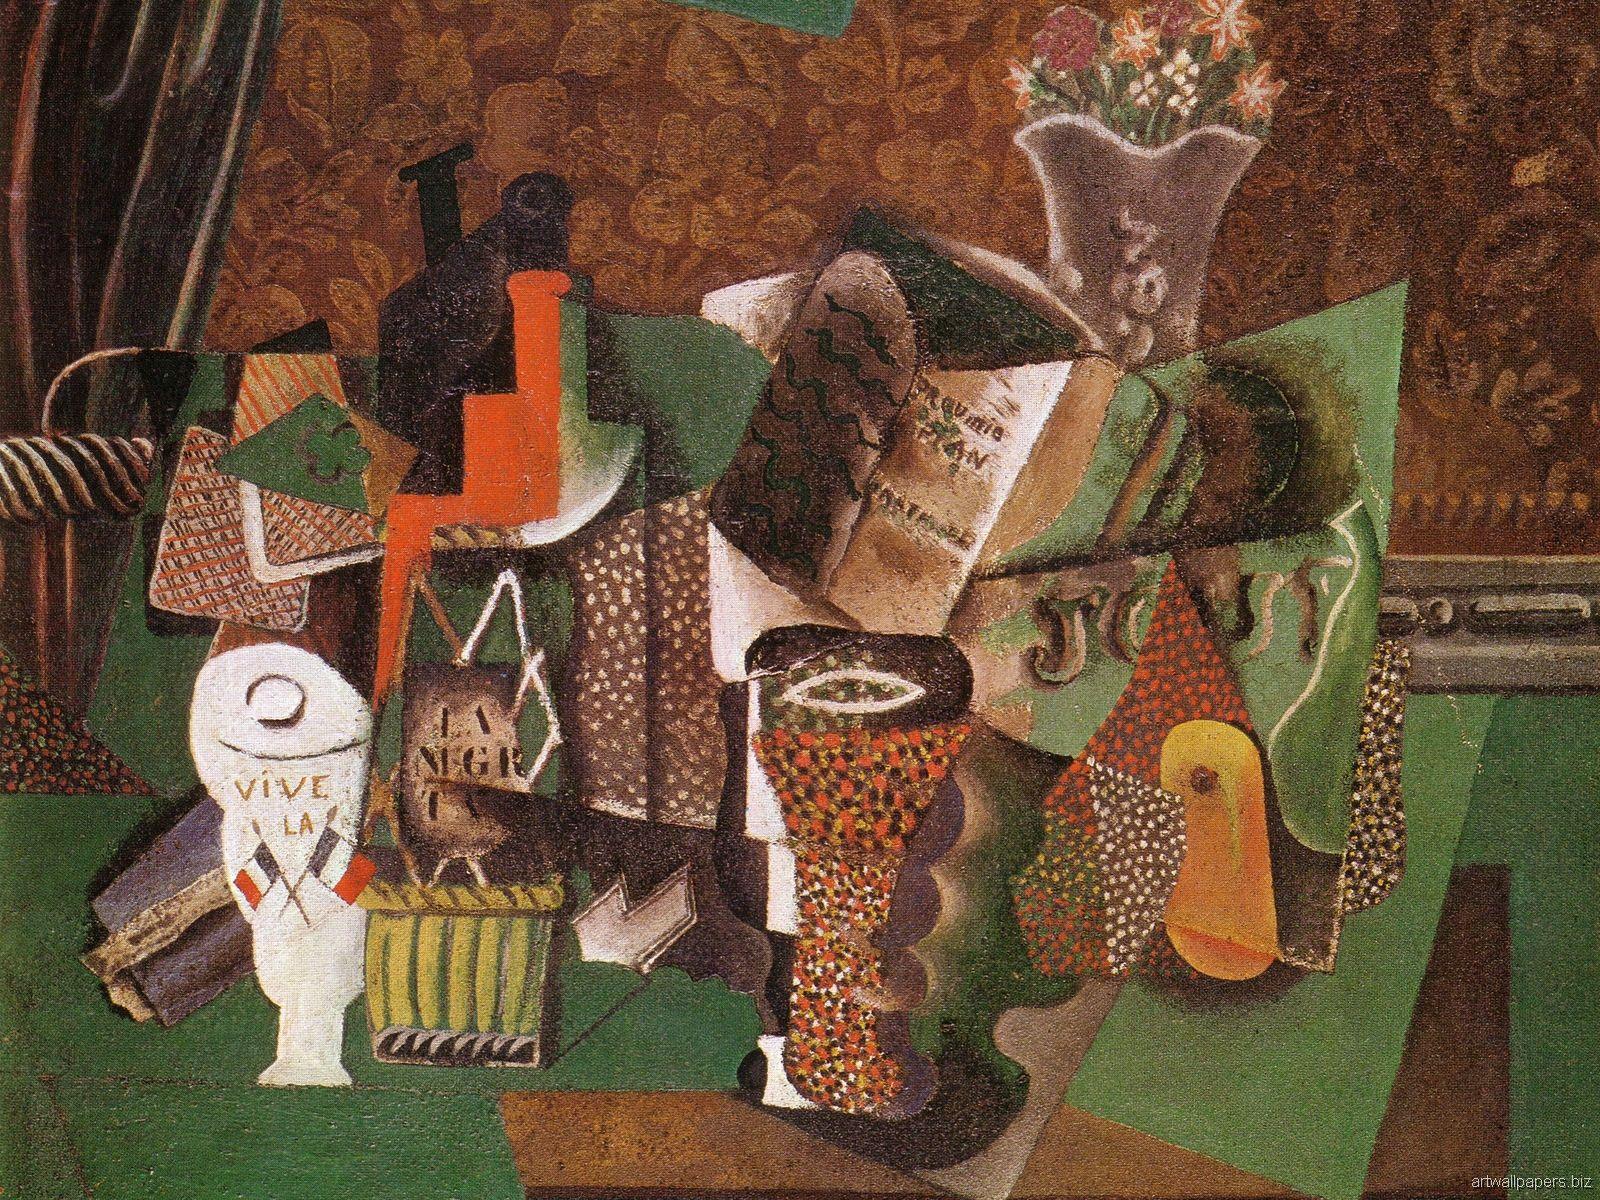 Pablo Picasso - Bottle of black rum (Vive la France)